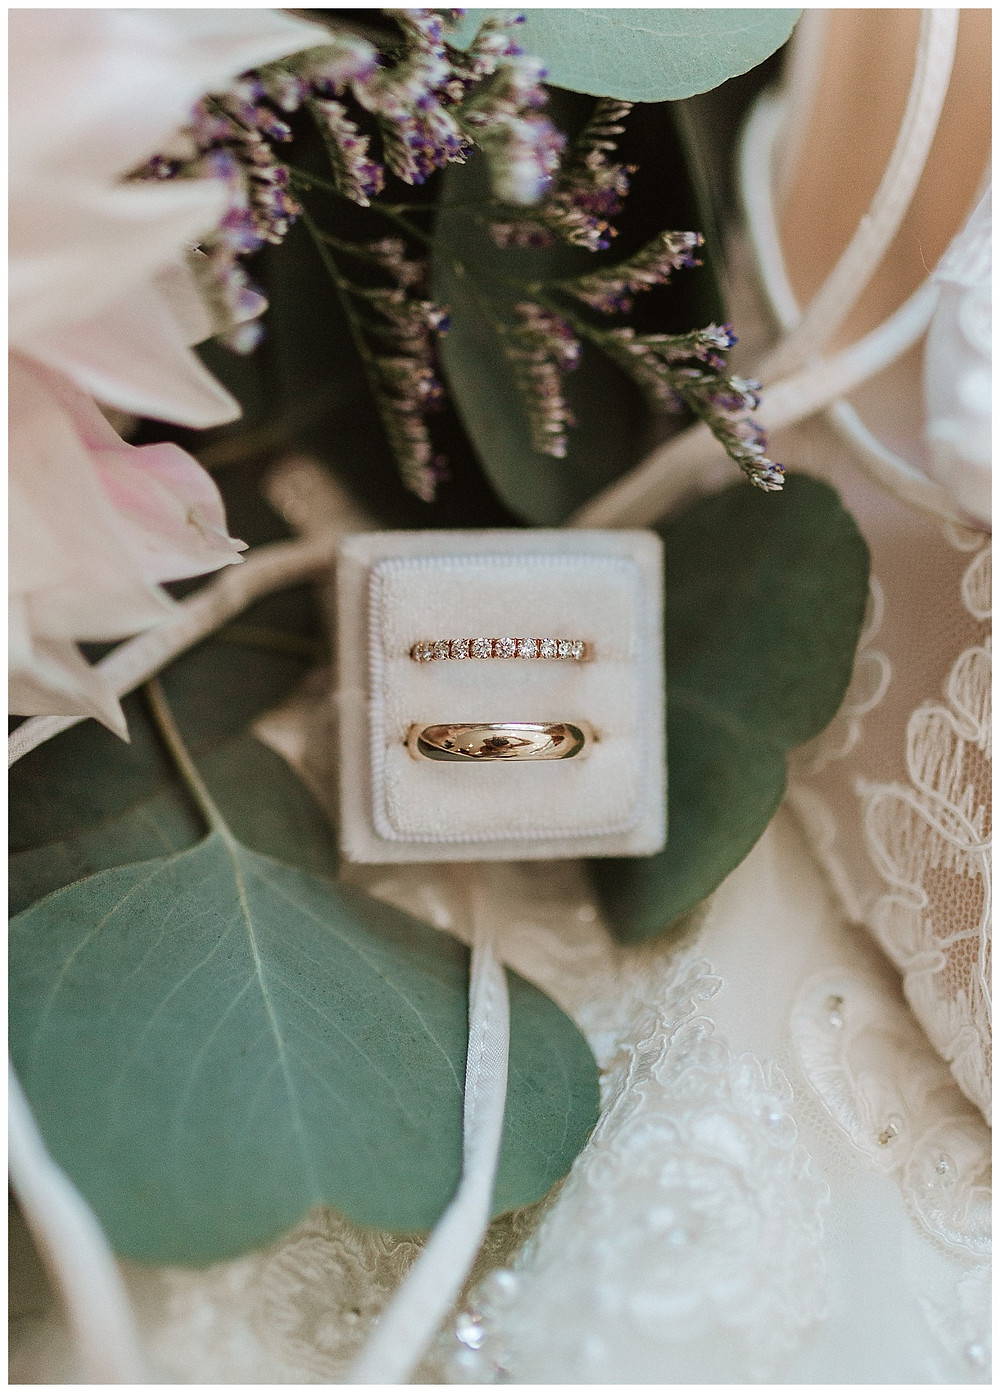 Wedding Ring in White Velvet Ring Box